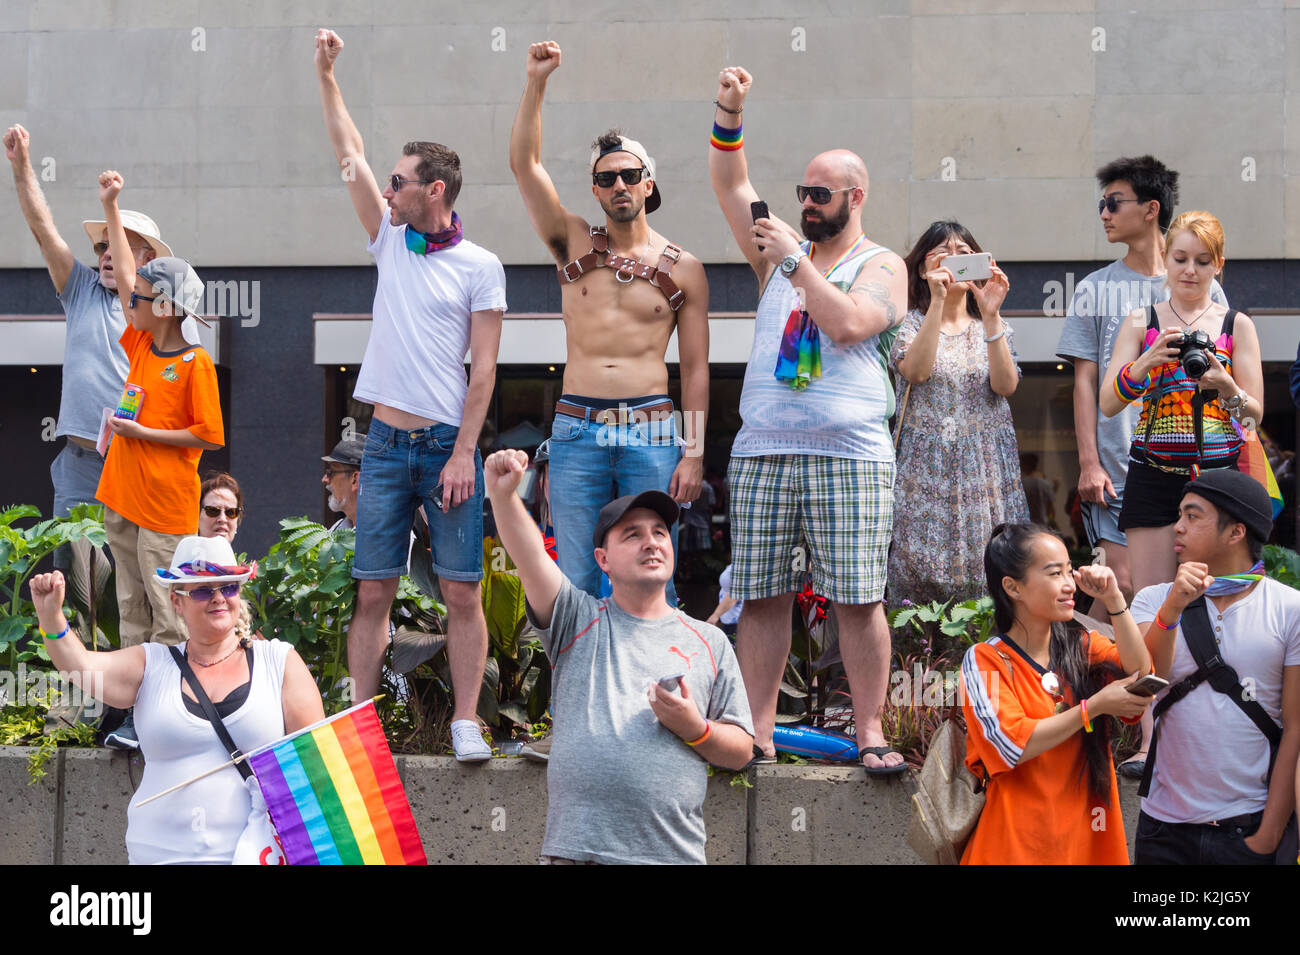 Montreal, Canadá - 20 de agosto de 2017: Los espectadores levantar sus puños durante el momento de silencio en Montreal Foto de stock